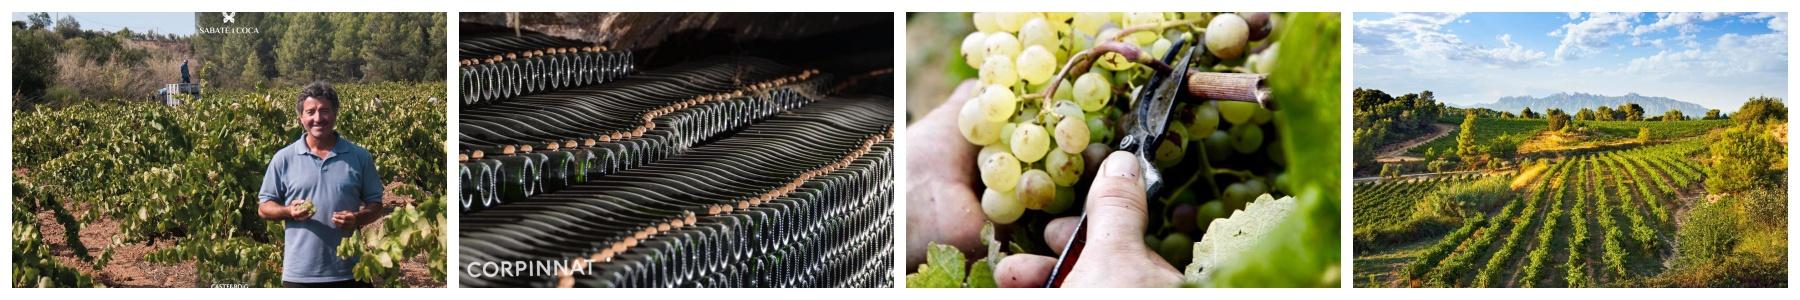 Castellroig - Finca Sabaté i Coca - Vins del Terrer - D.O. Penedès - Corpinnat